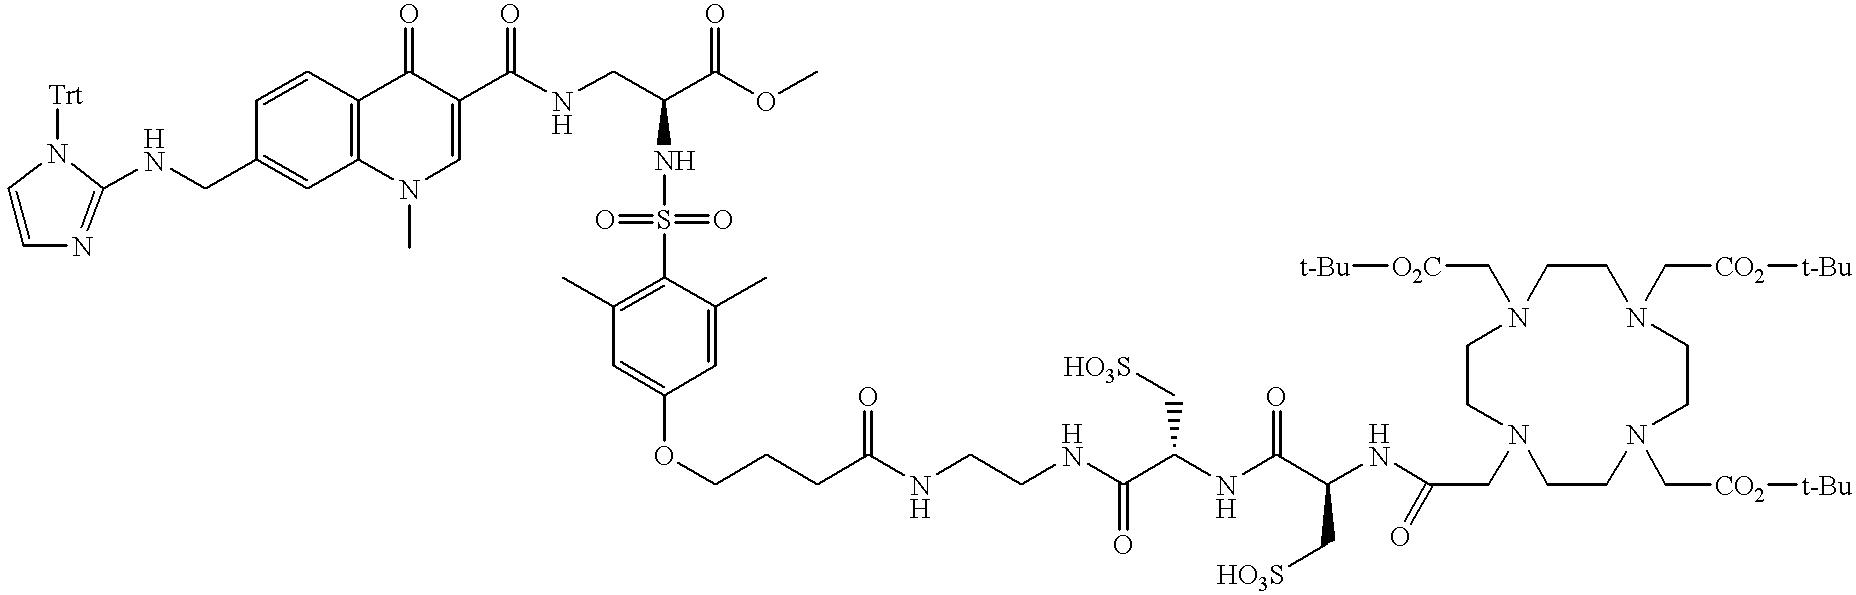 Figure US06683163-20040127-C00102